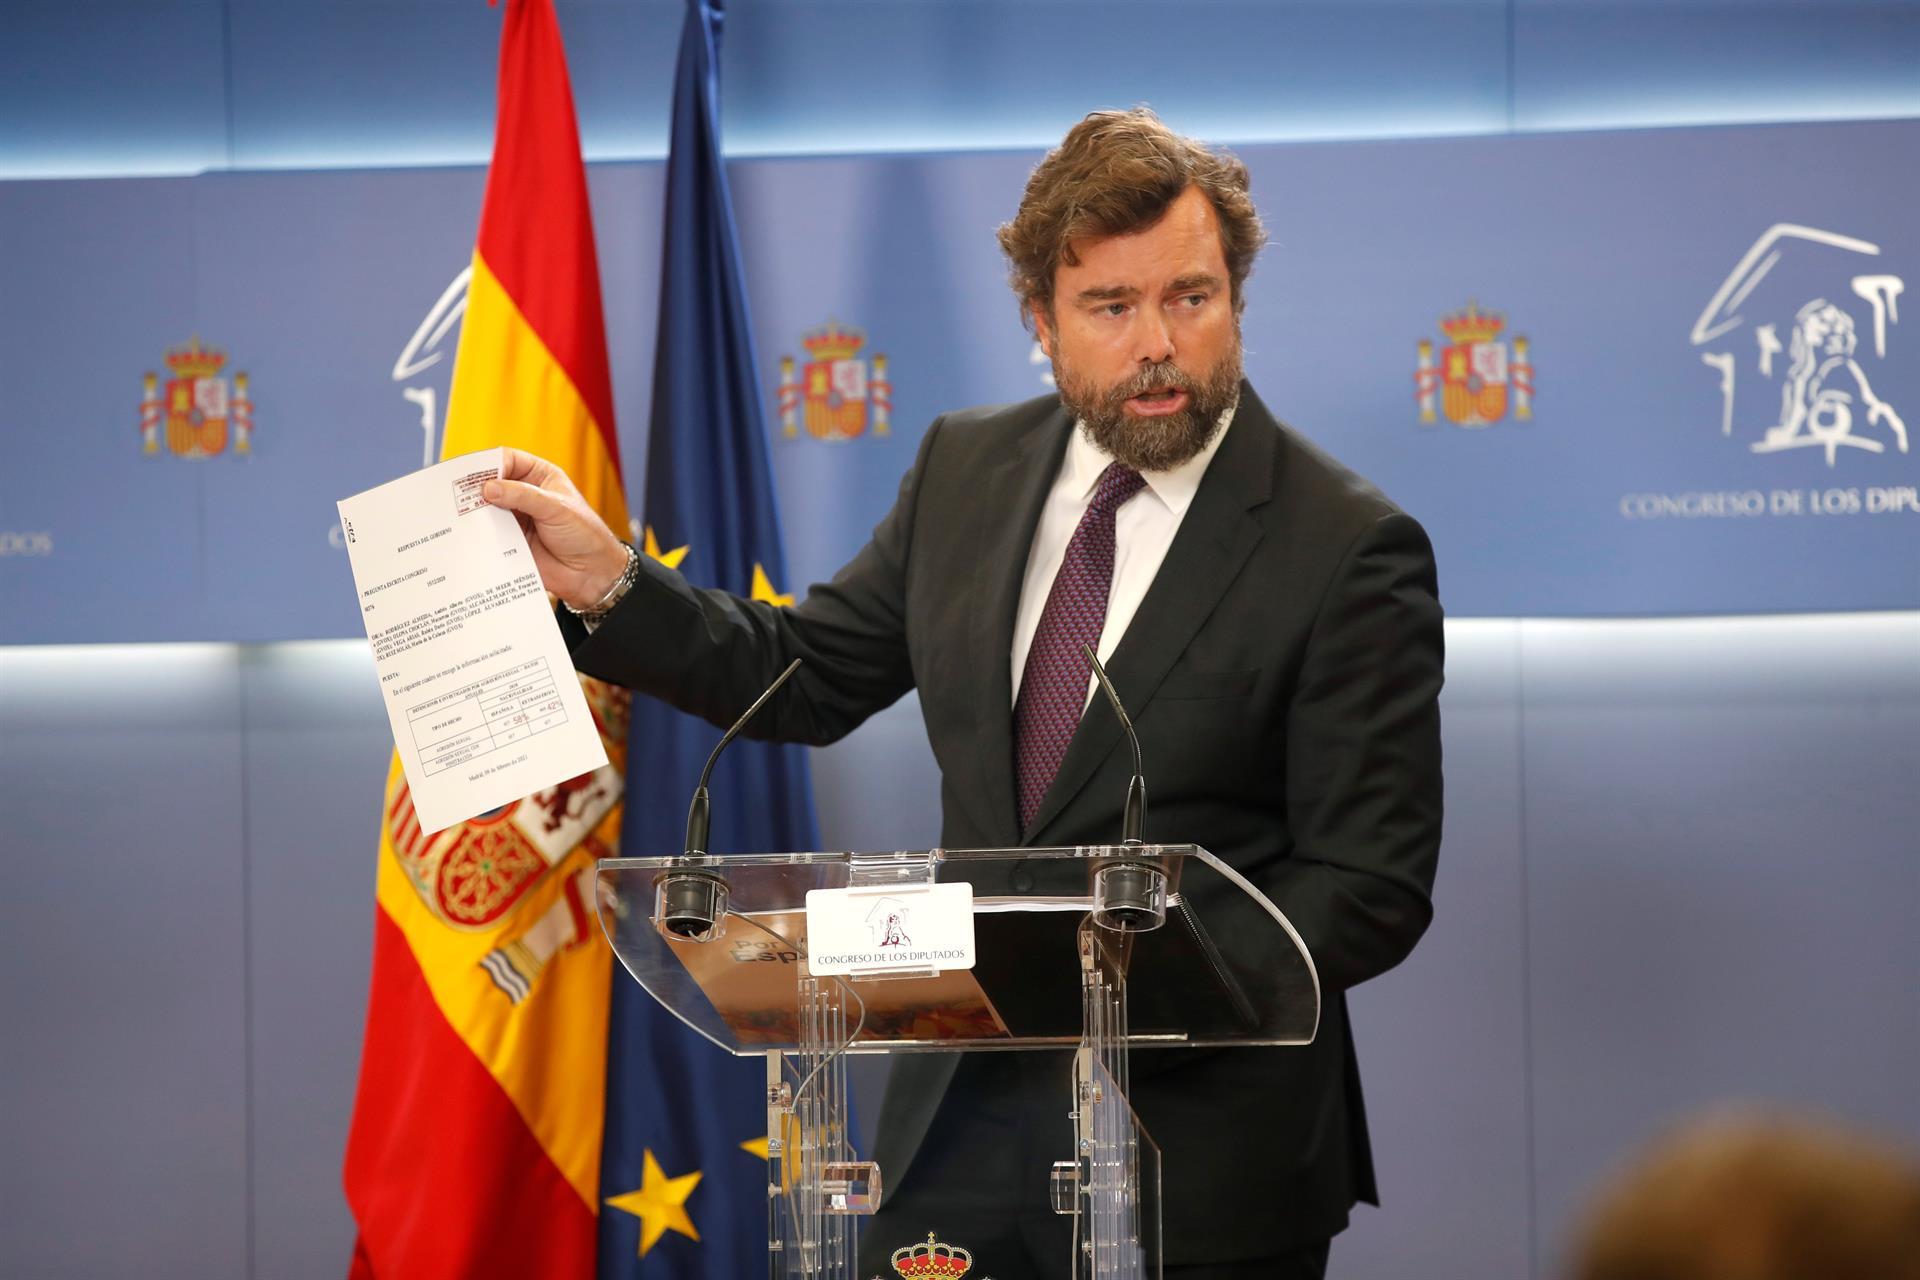 El portavoz de Vox, Iván Espinosa de los Monteros, durante la rueda de prensa ofrecida este miércoles en el Congreso. EFE/Javier Lizón